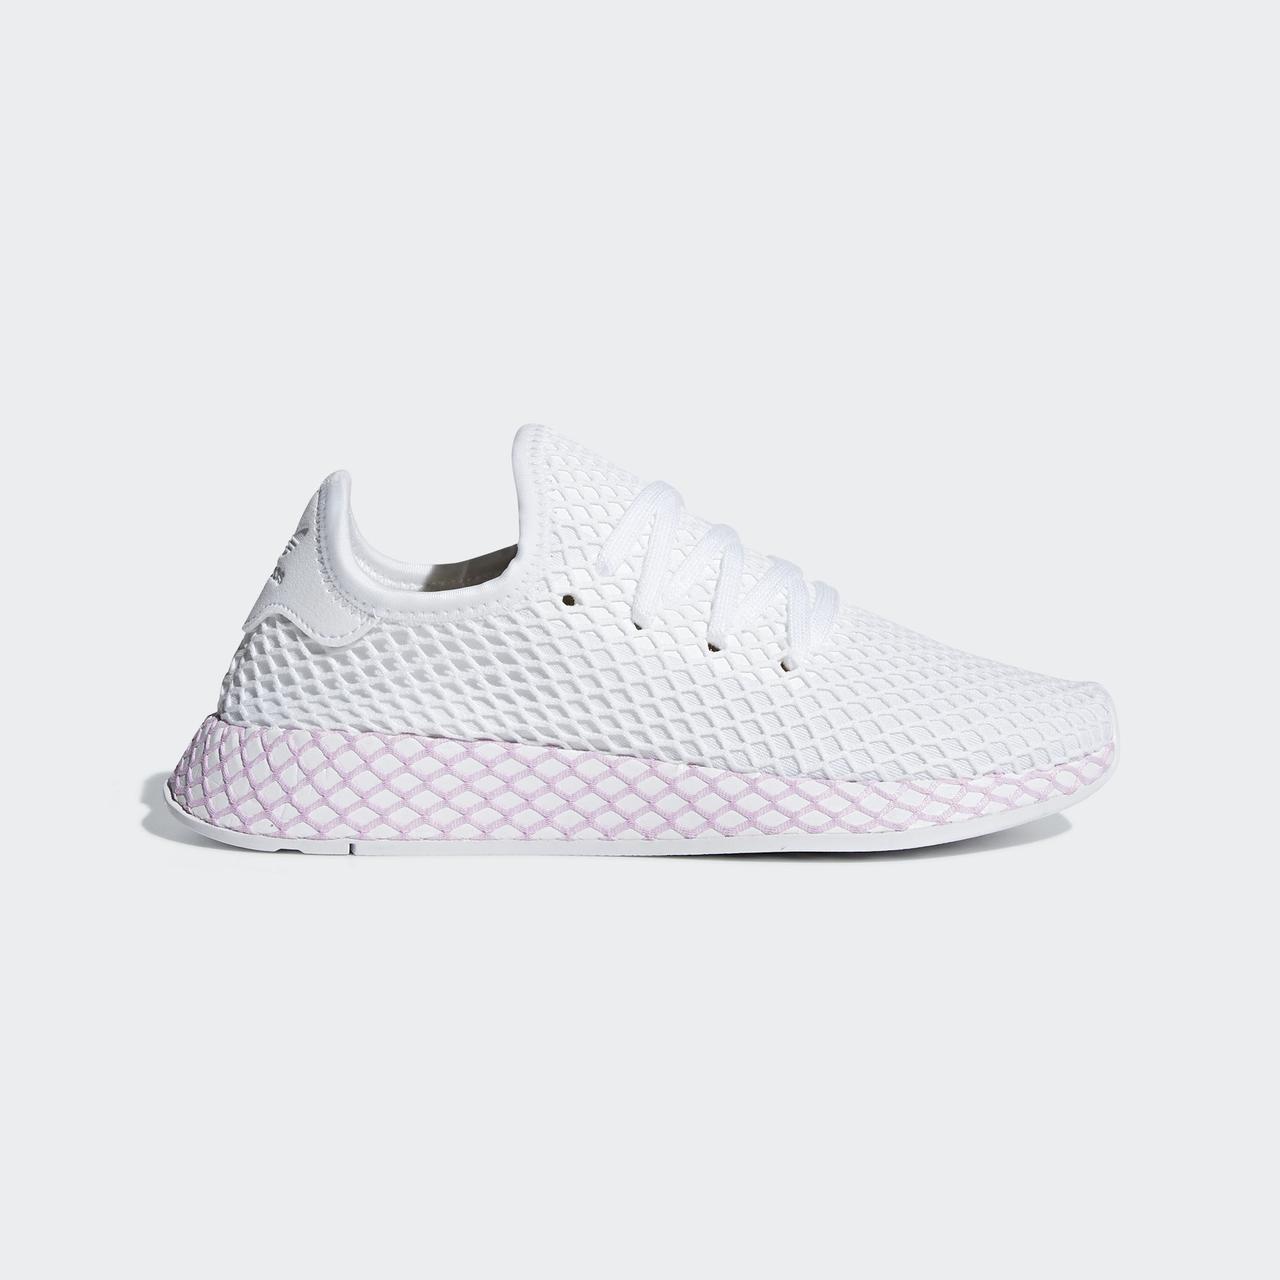 816b5b77 Женские кроссовки Adidas Originals Deerupt (Артикул: B37601) -  Интернет-магазин «Эксперт